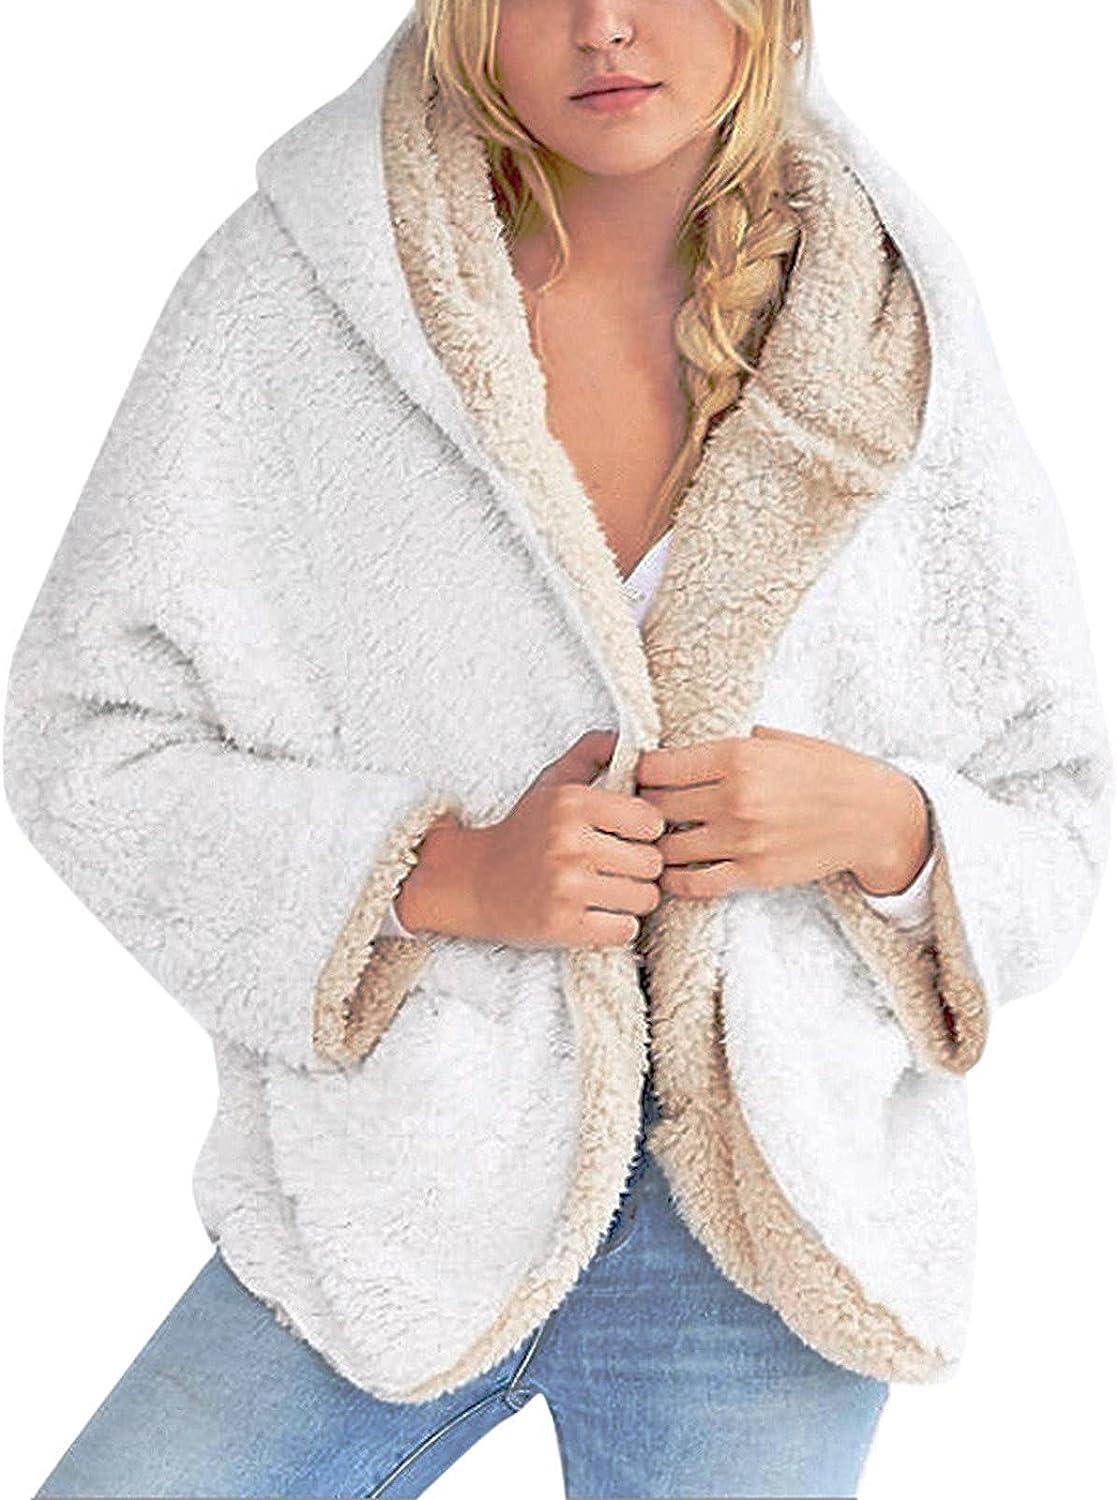 Fhwiwoehgwohg Women Warm Jacket Casual Fleece Fuzzy Faux Shearling Oversize Winter Jacket Coat